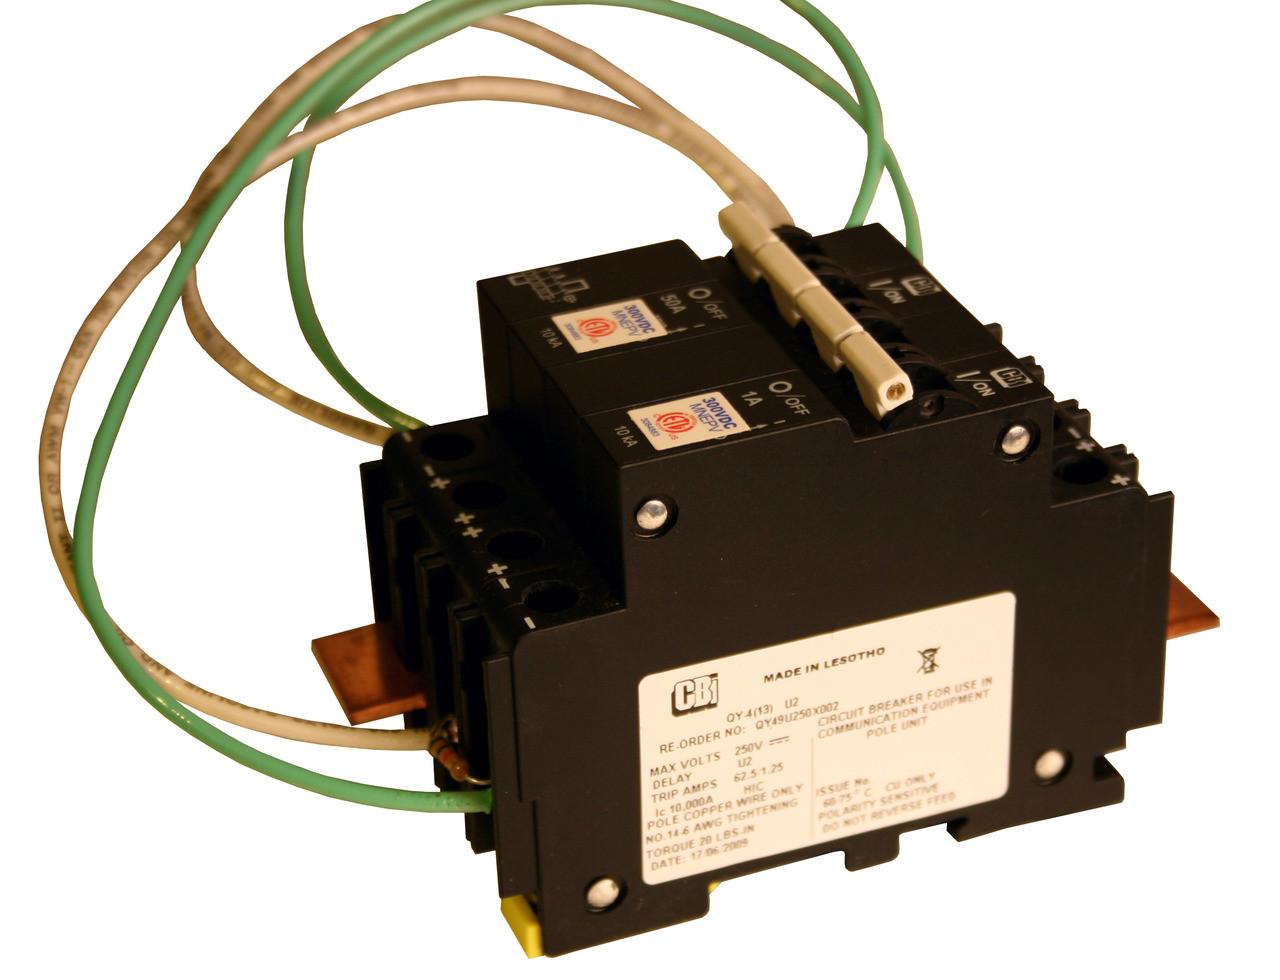 Stellavolta Midnite Solar Mndc Gfp50 300 Ground Fault Circuit Breaker 4 Wire 250v Schematic Diagram Image 1